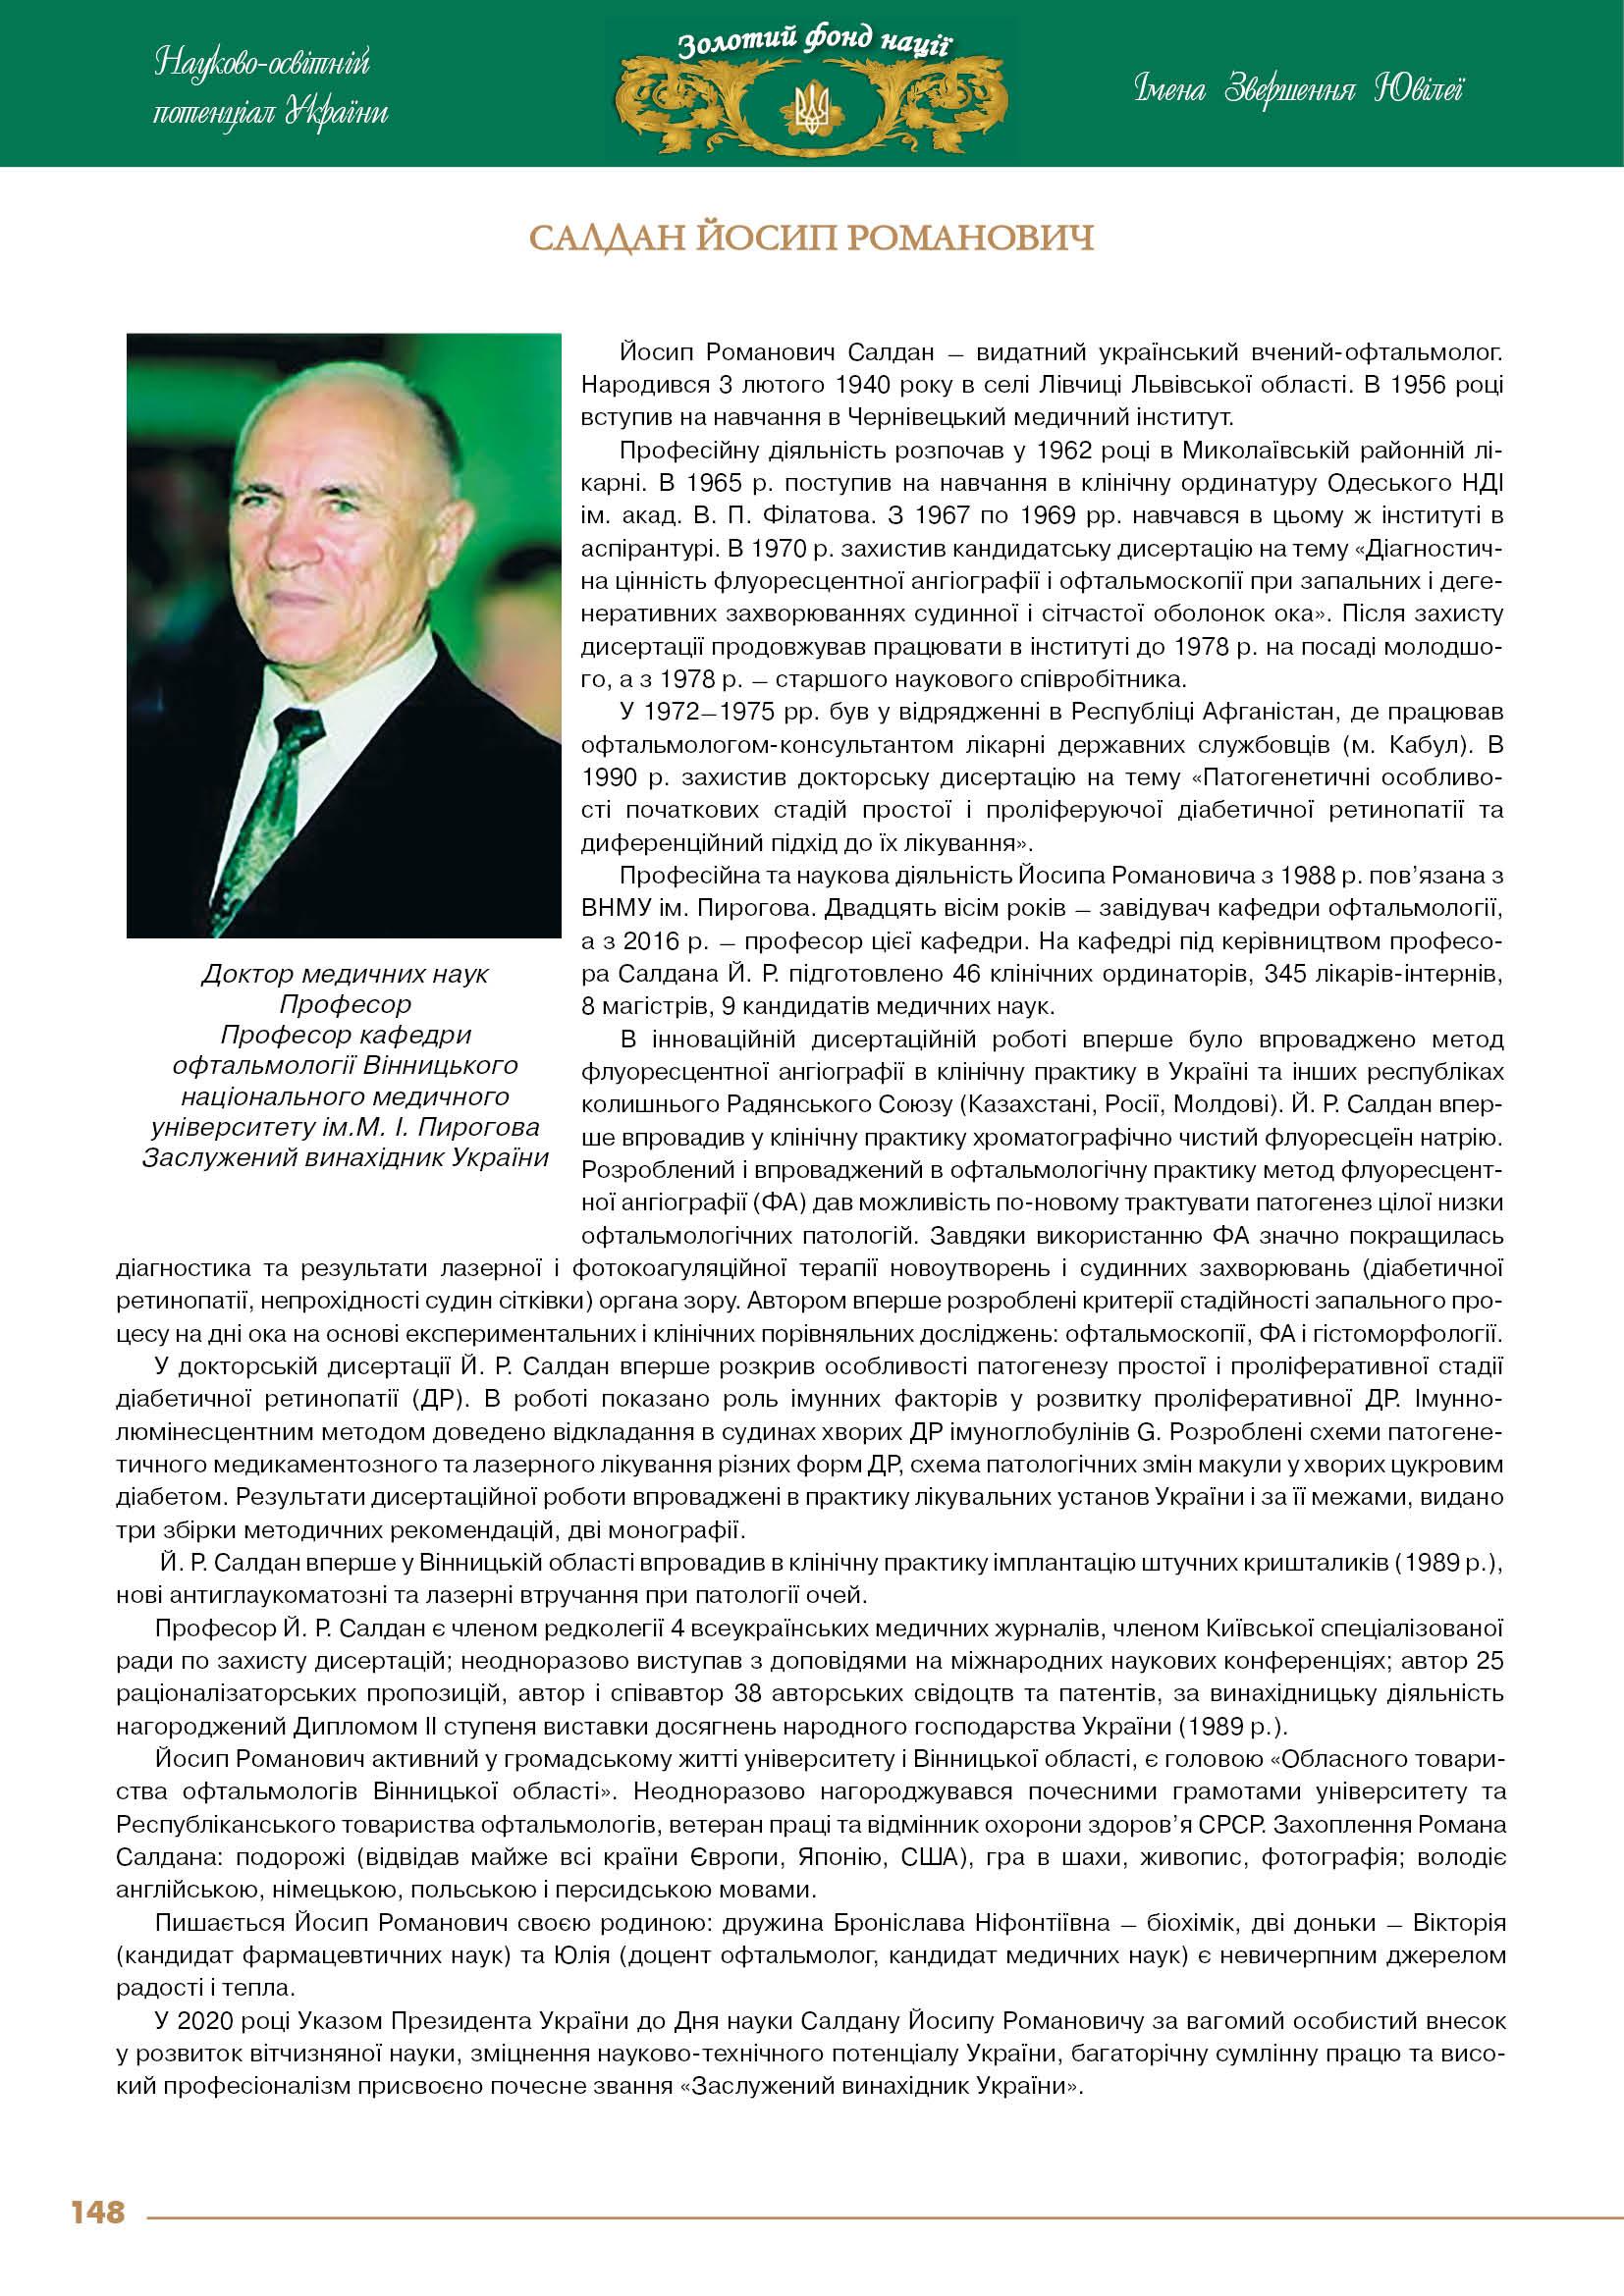 Салдан Йосип Романович